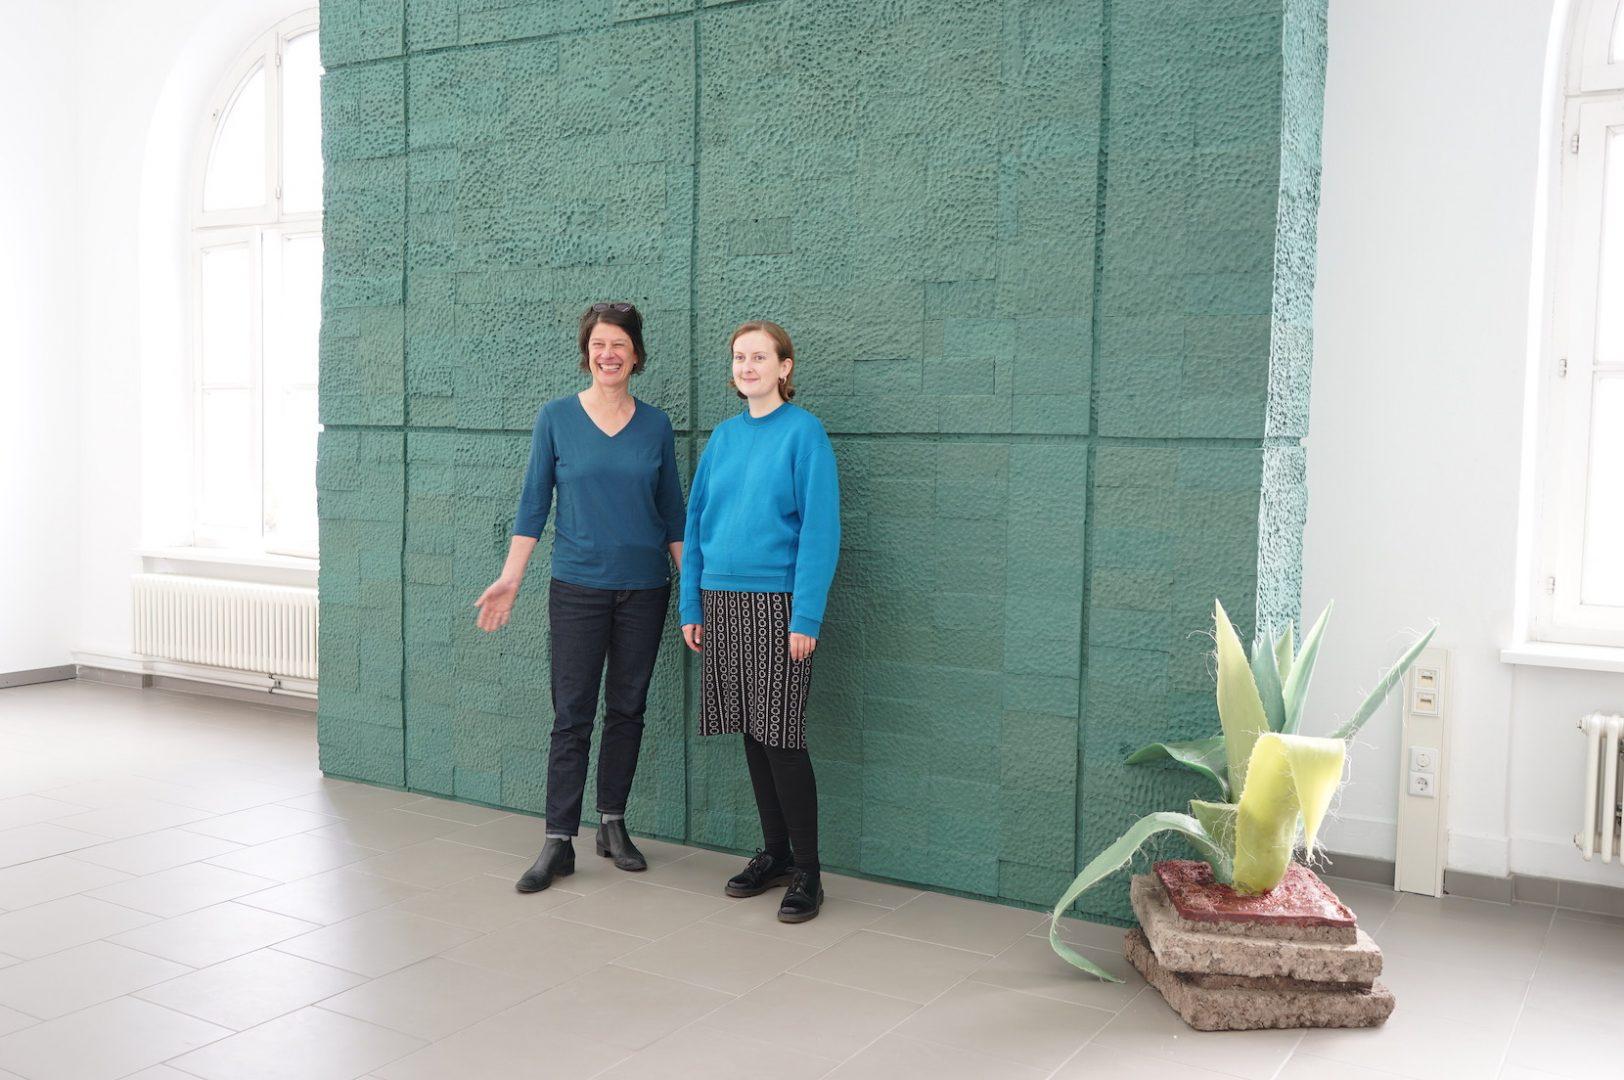 Goldrausch Projektkoordinatorin Kira Dell und Projektleiterin Hannah Kruse vor einer Arbeit der Bildhauerin Millie Schwier im Haus am Kleistpark  Photo Credit: Barbara Green Arts Management